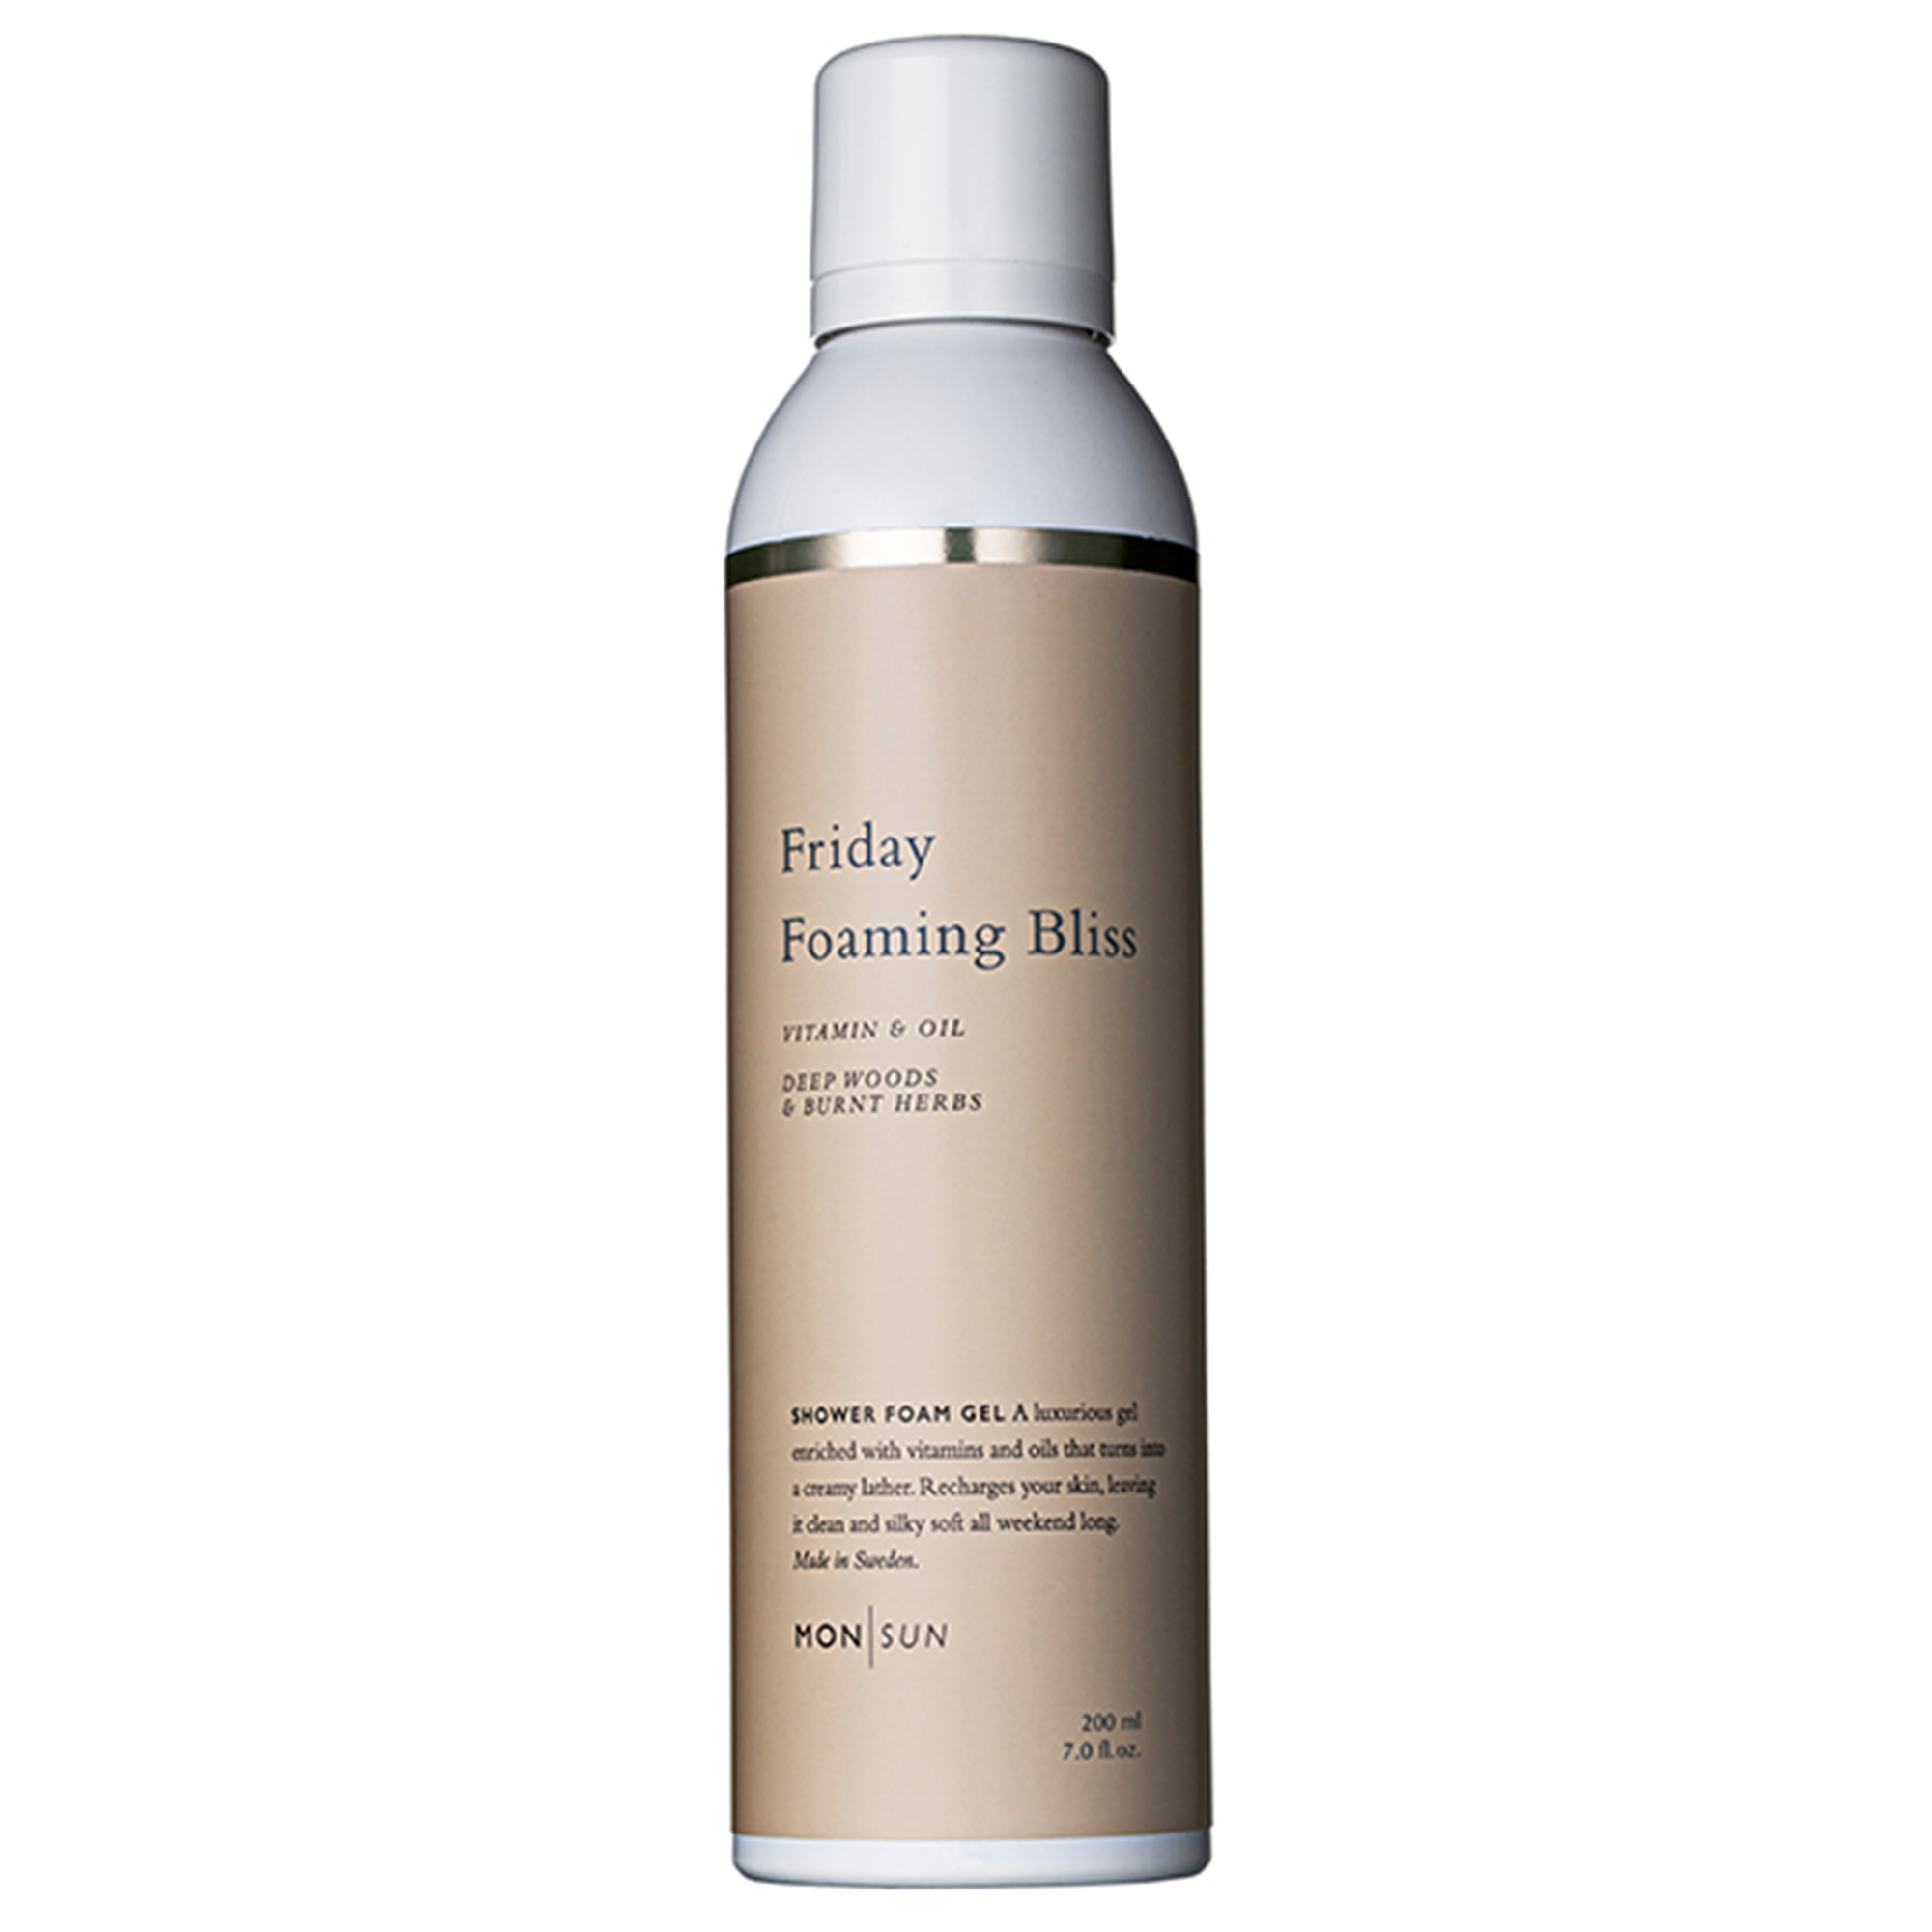 Friday Foaming Bliss Vitamin & Oil Shower Gel 200ml